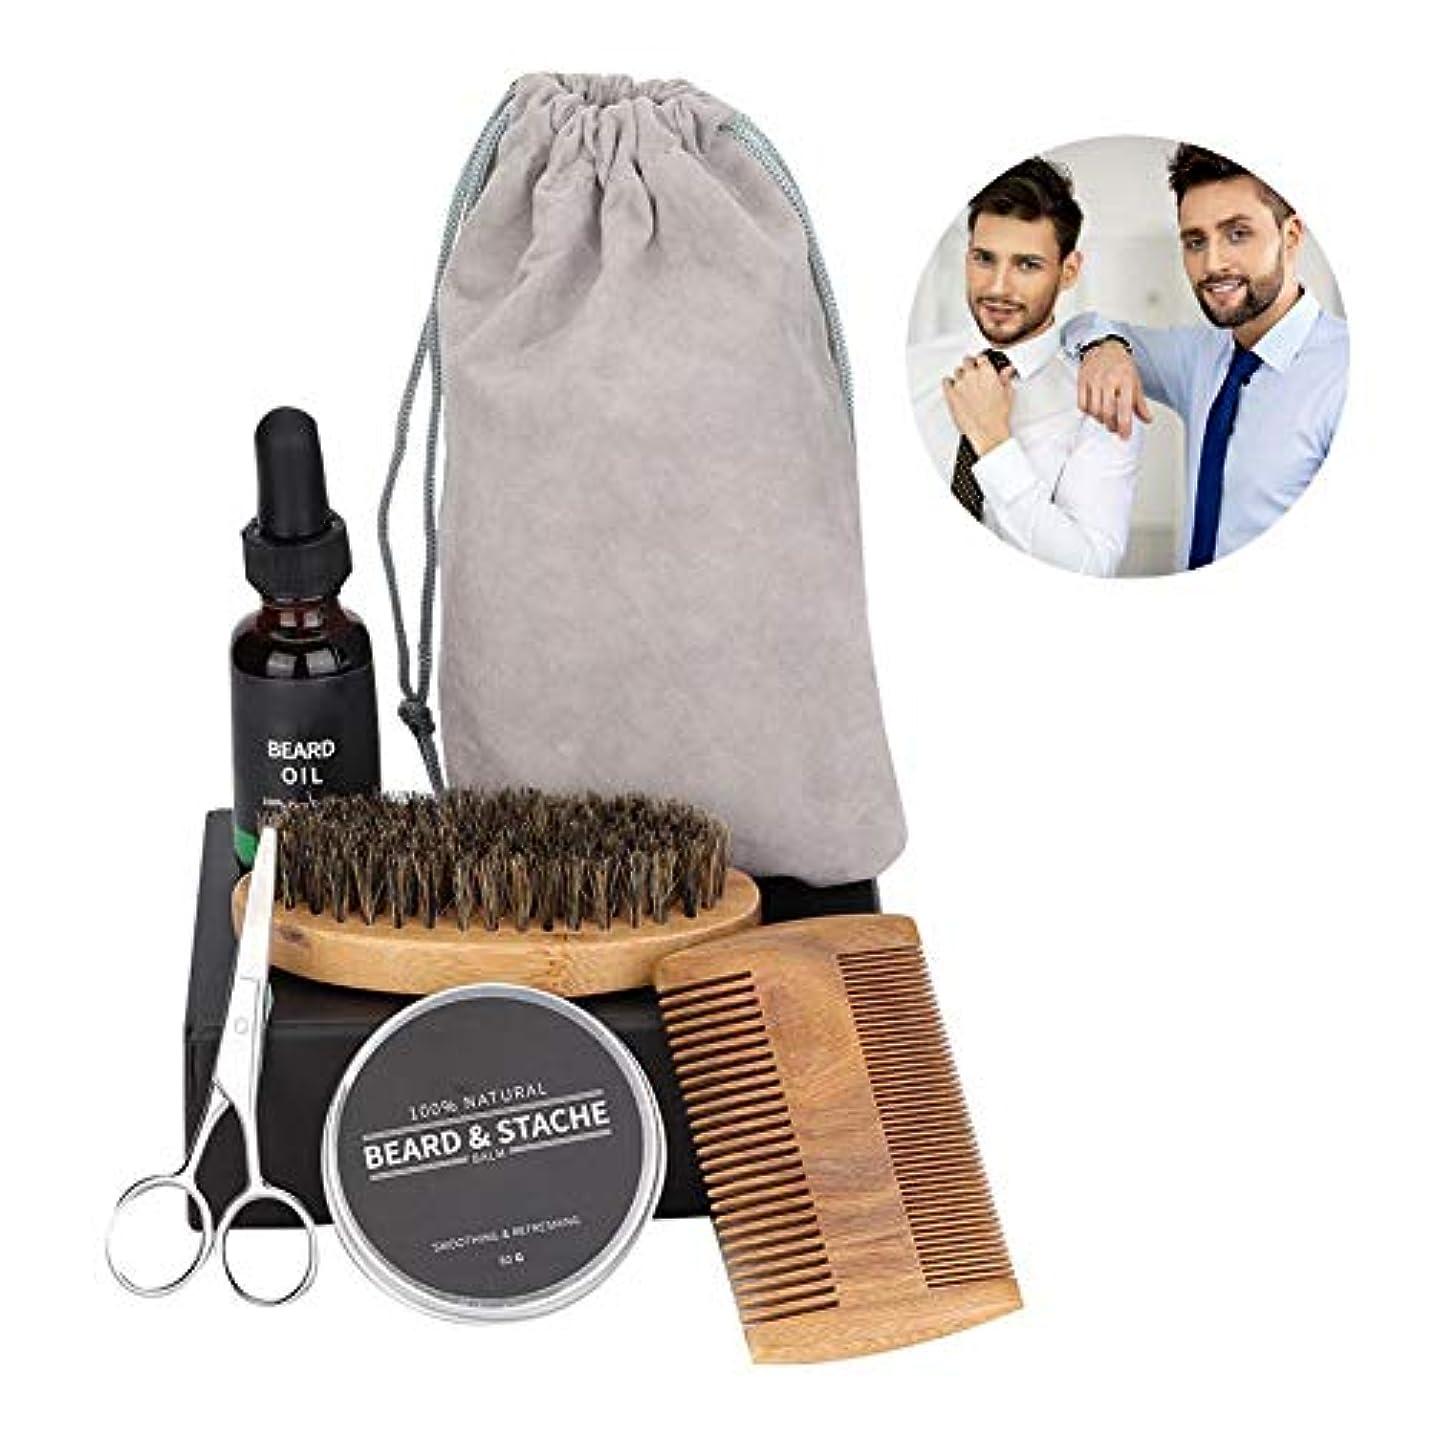 動力学前置詞自分自身髭手入れキット、髭手入れキットを含む男性または父親のための髭成長手入れおよびトリミングキット、髭オイル、髭ケアバーム、櫛、はさみ、ブラシ、収納袋